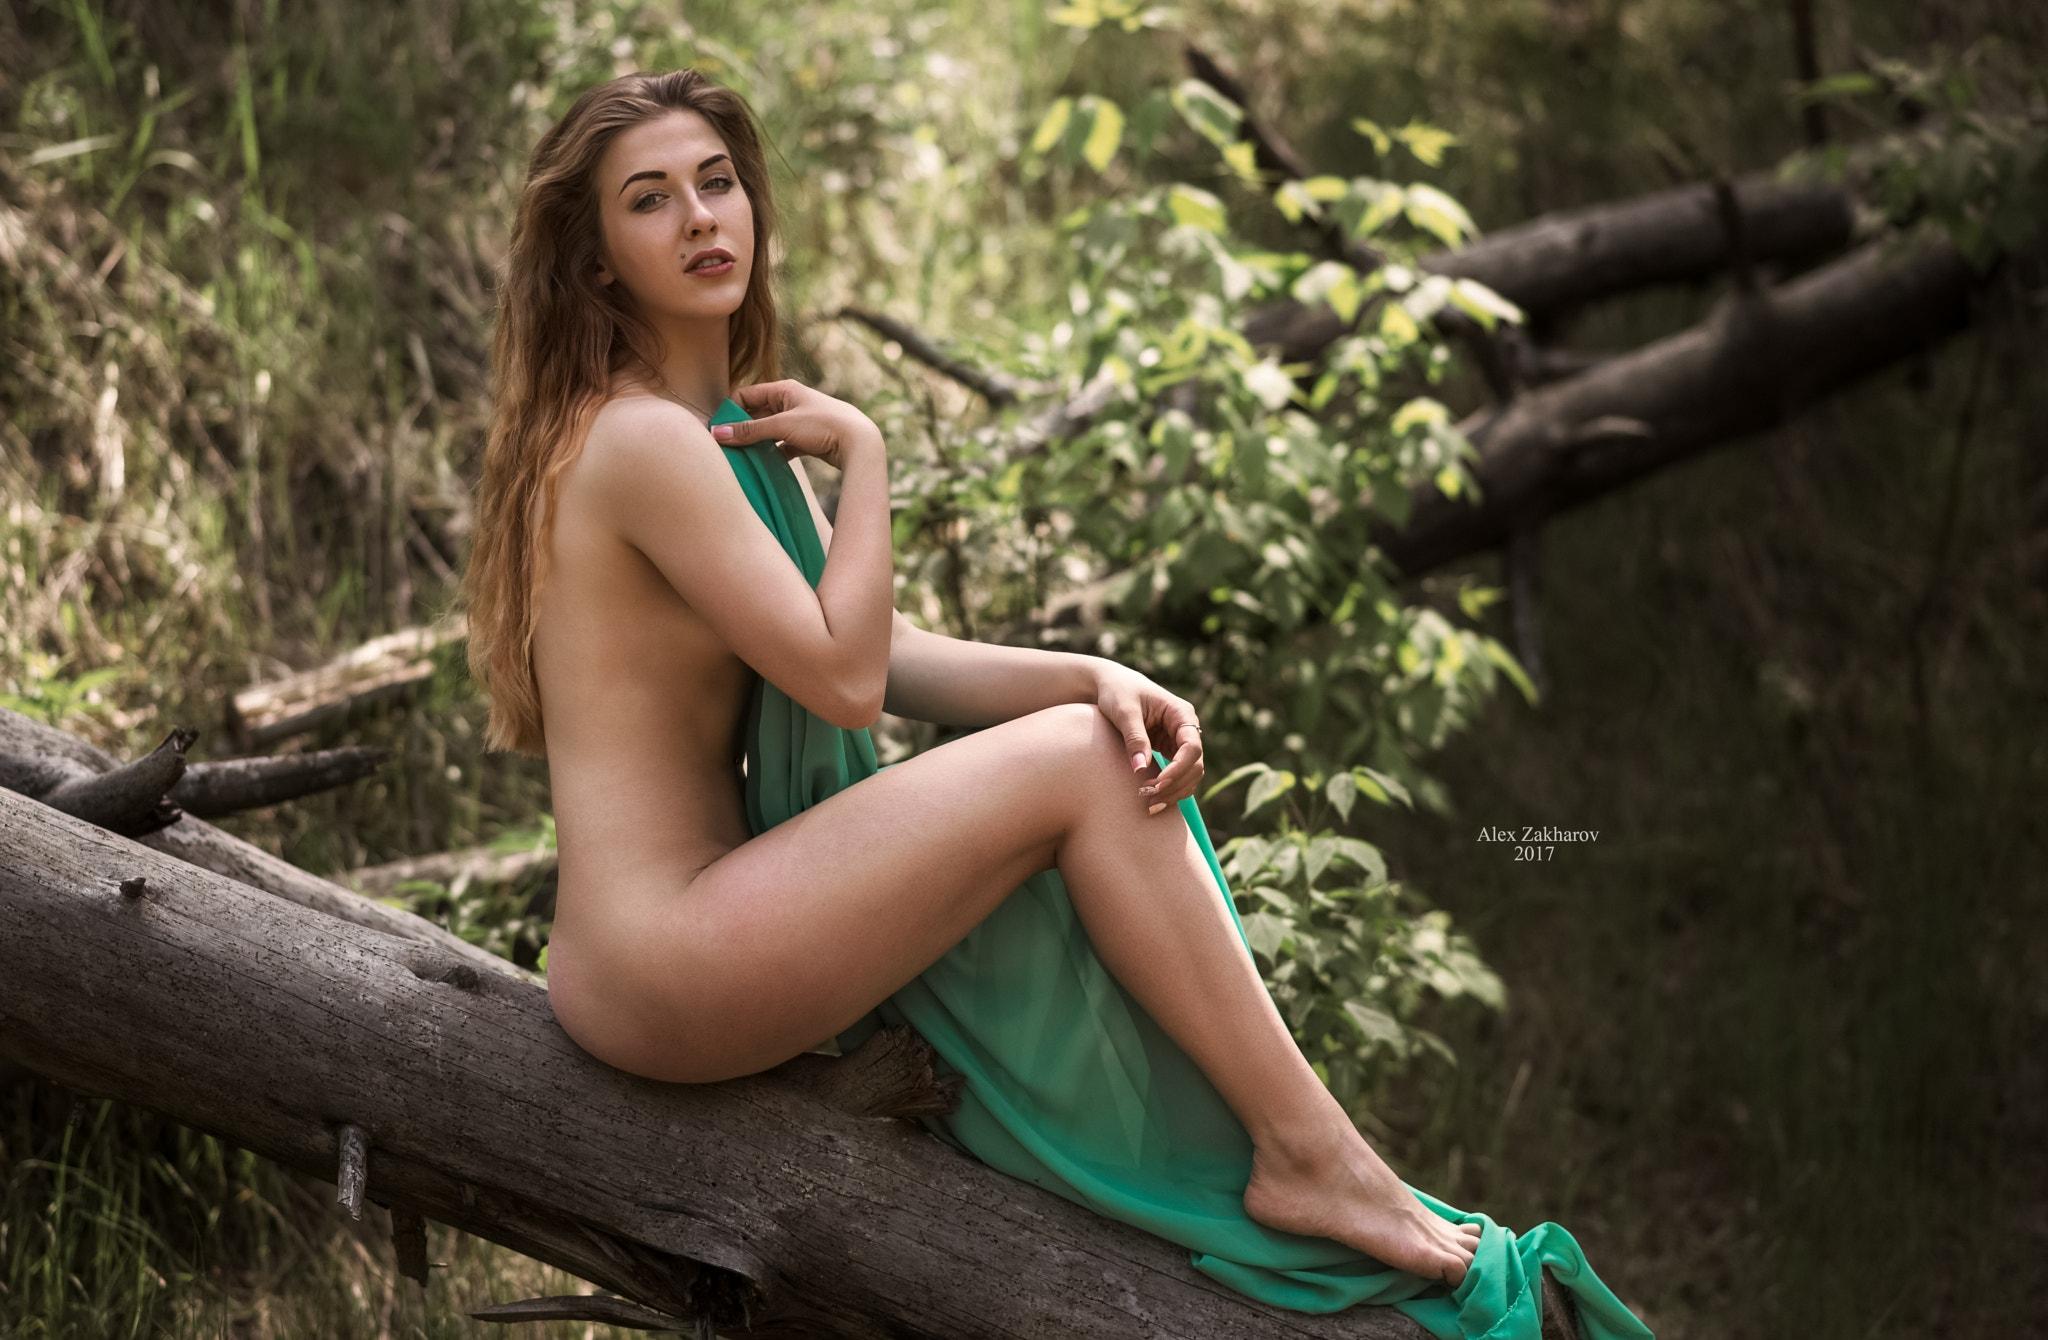 lange frauen nackt